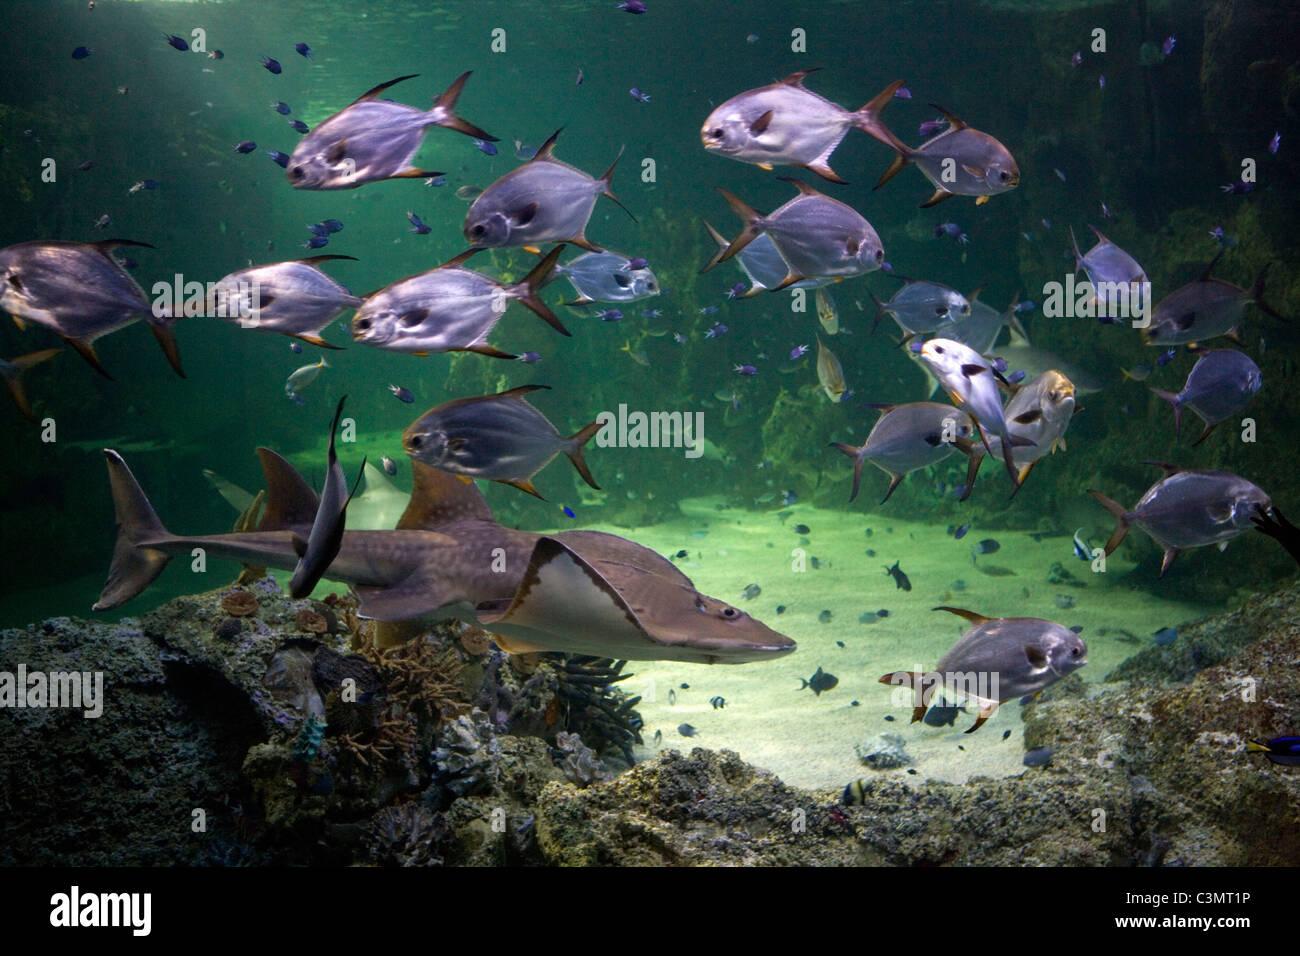 Australia. Sydney. Sydney Aquarium. - Stock Image